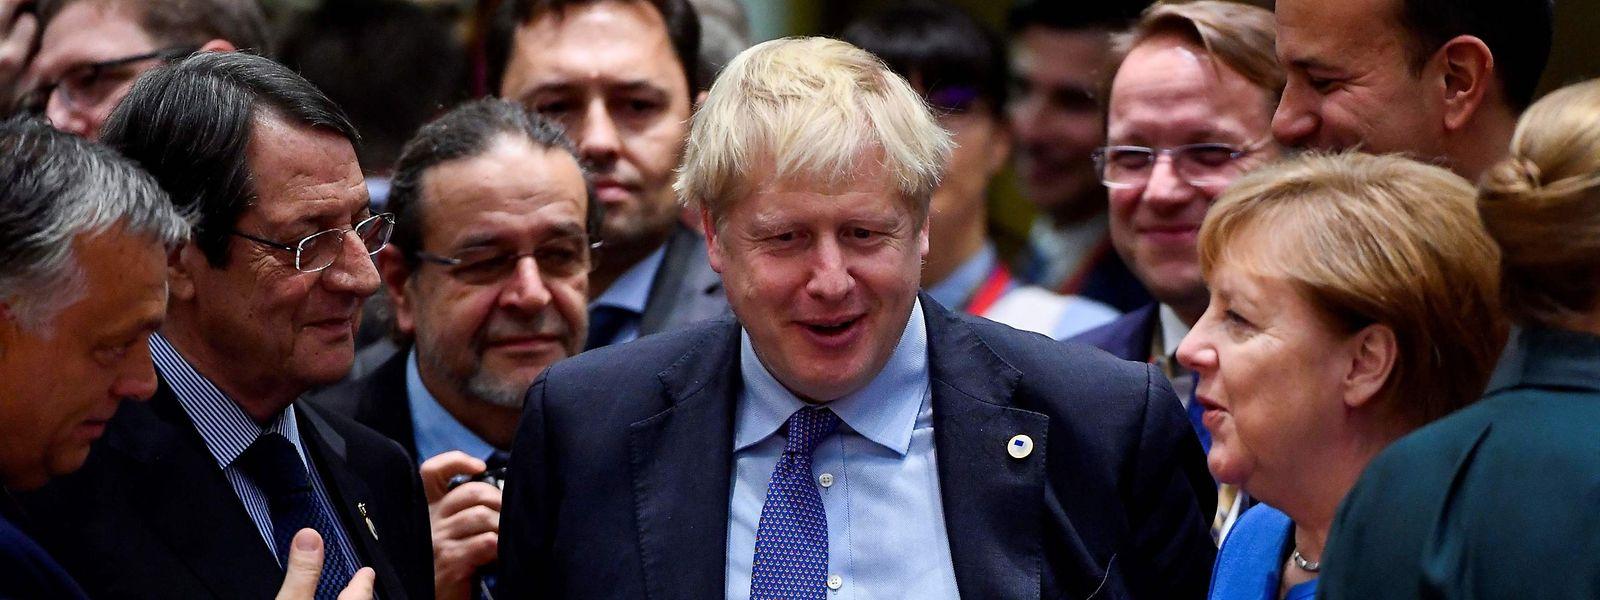 Boris Johnson im Kreis der EU-Staats- und Regierungschefs.